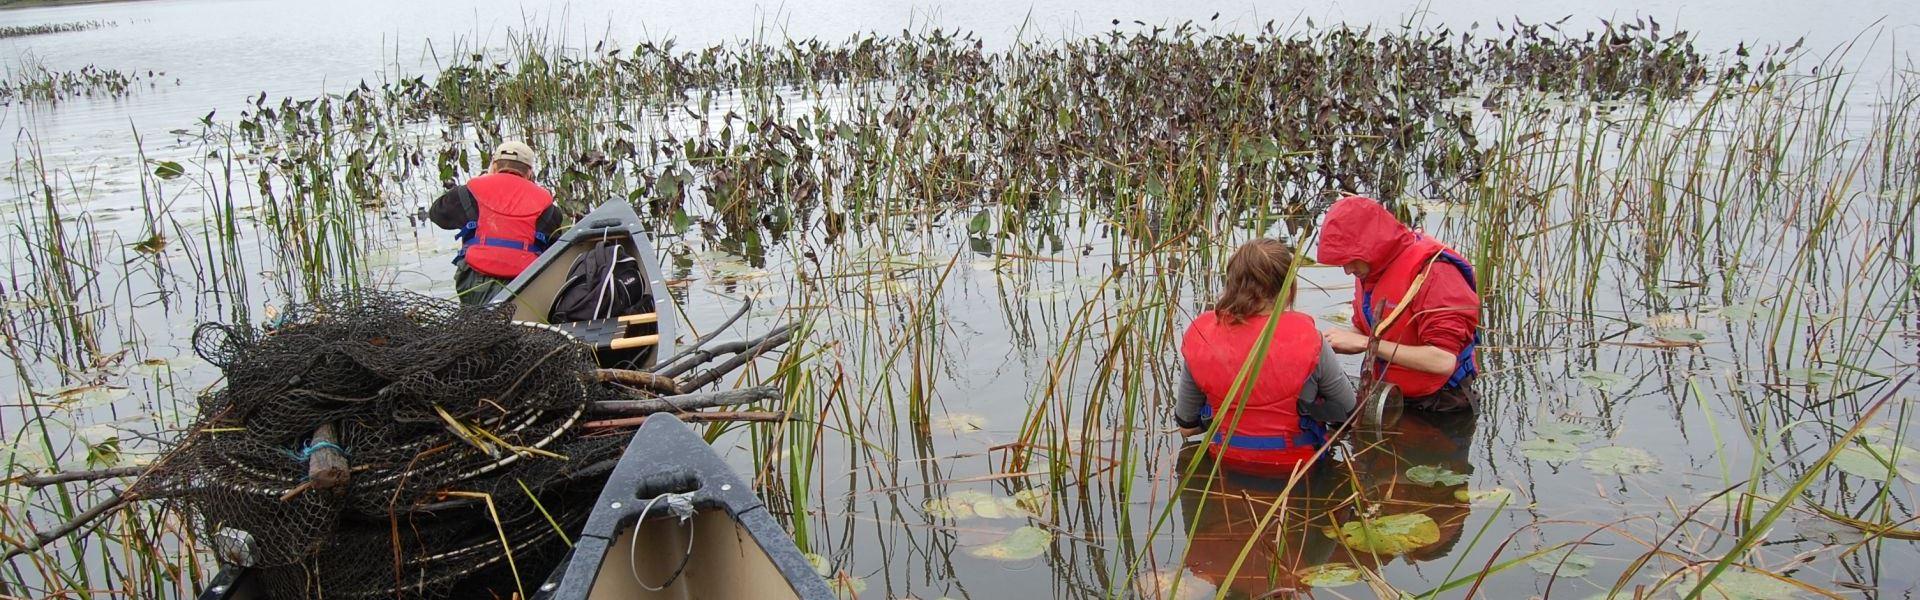 Étudiants en techniques de bioécologie procédant à l'identification d'espèces de la faune et de la flore dans un marais